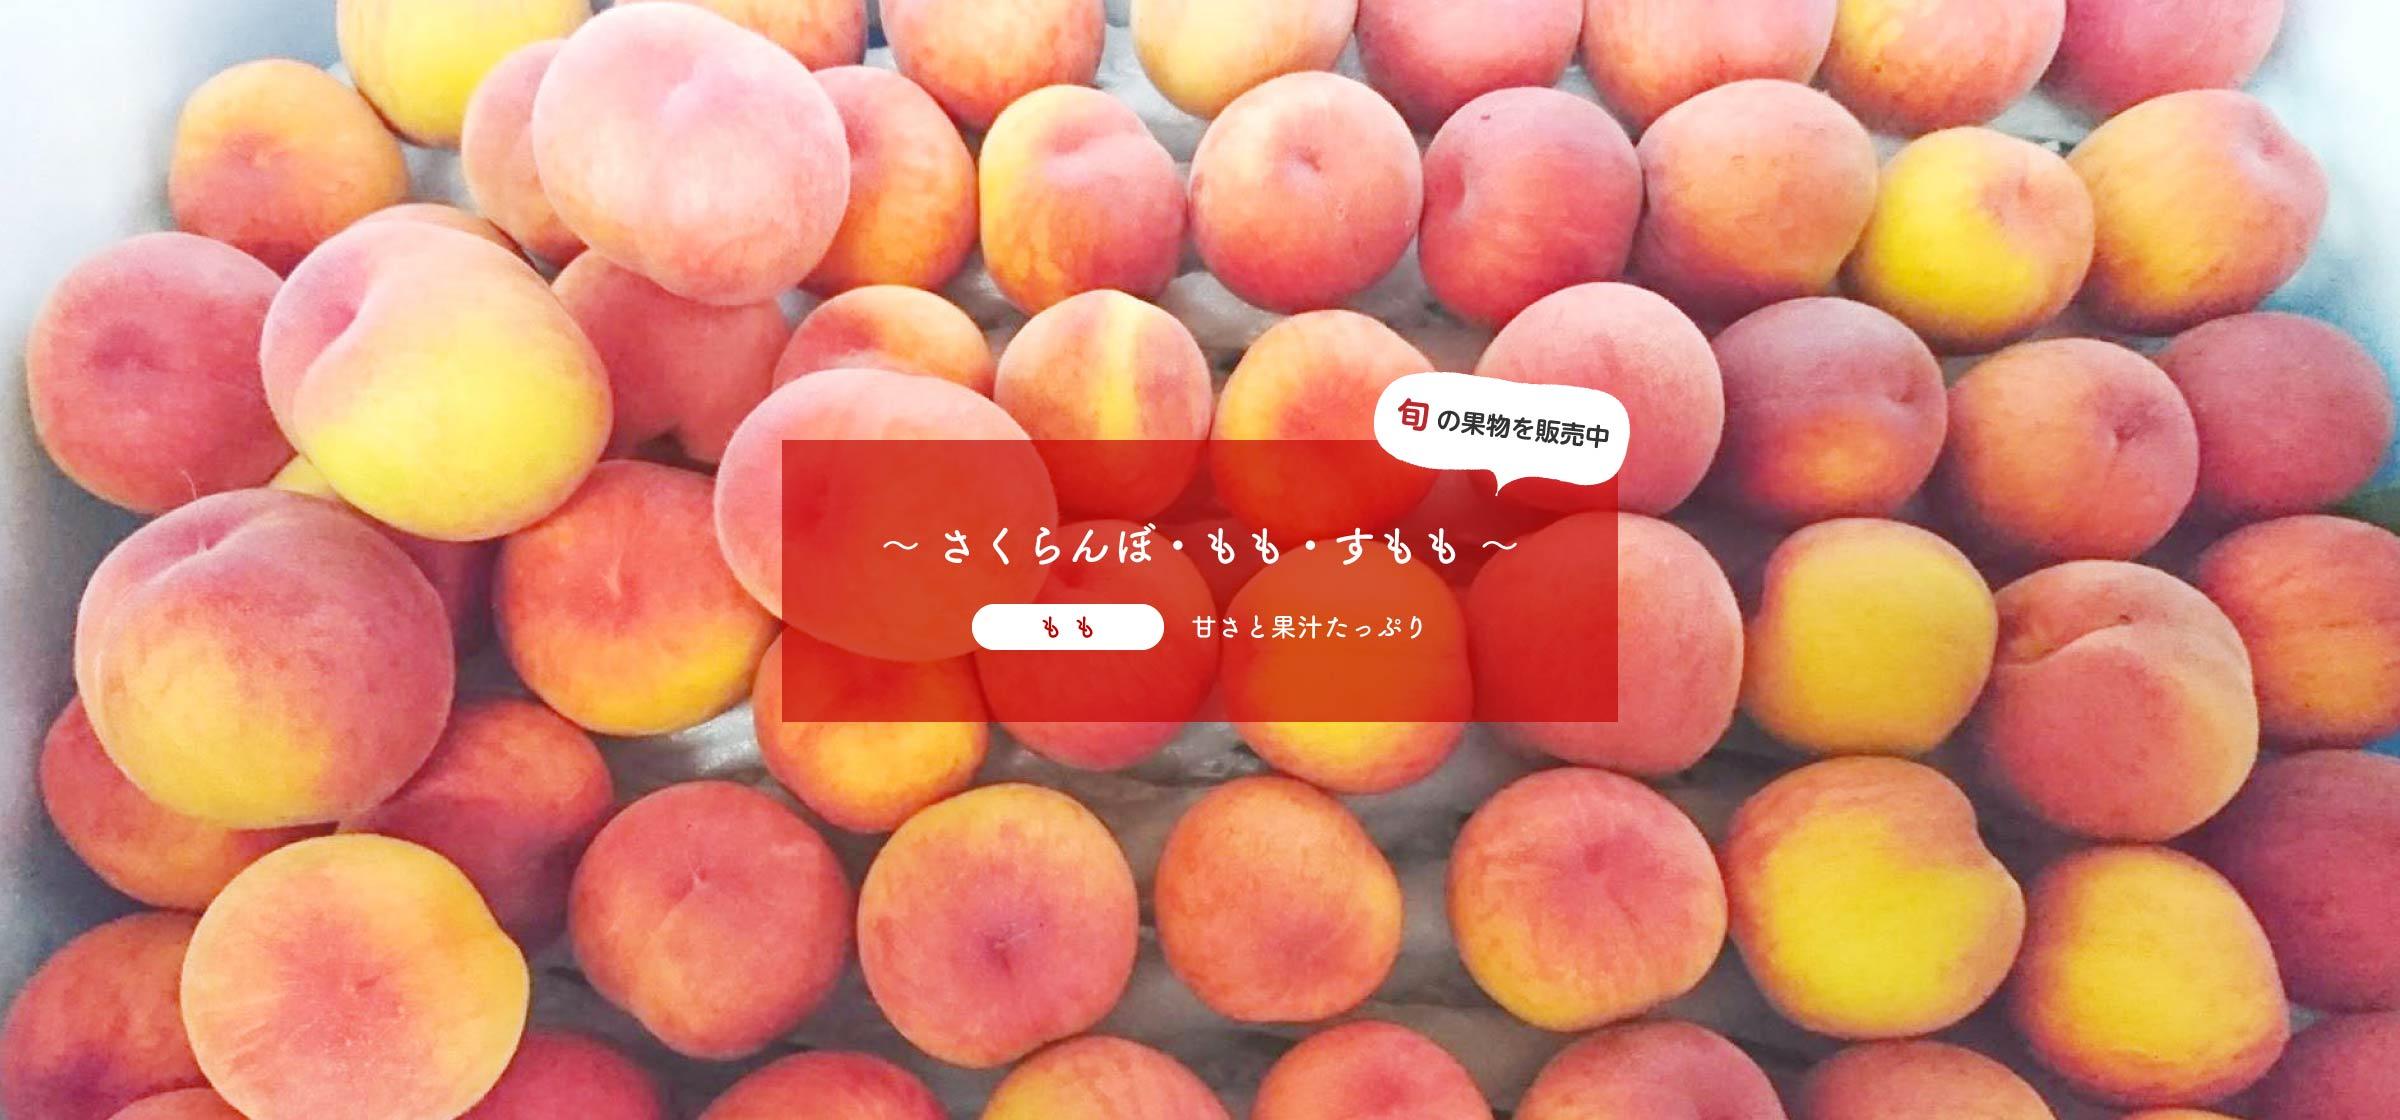 旬の果物を販売中~ さくらんぼ、もも、すもも ~もも:甘さと果汁たっぷり